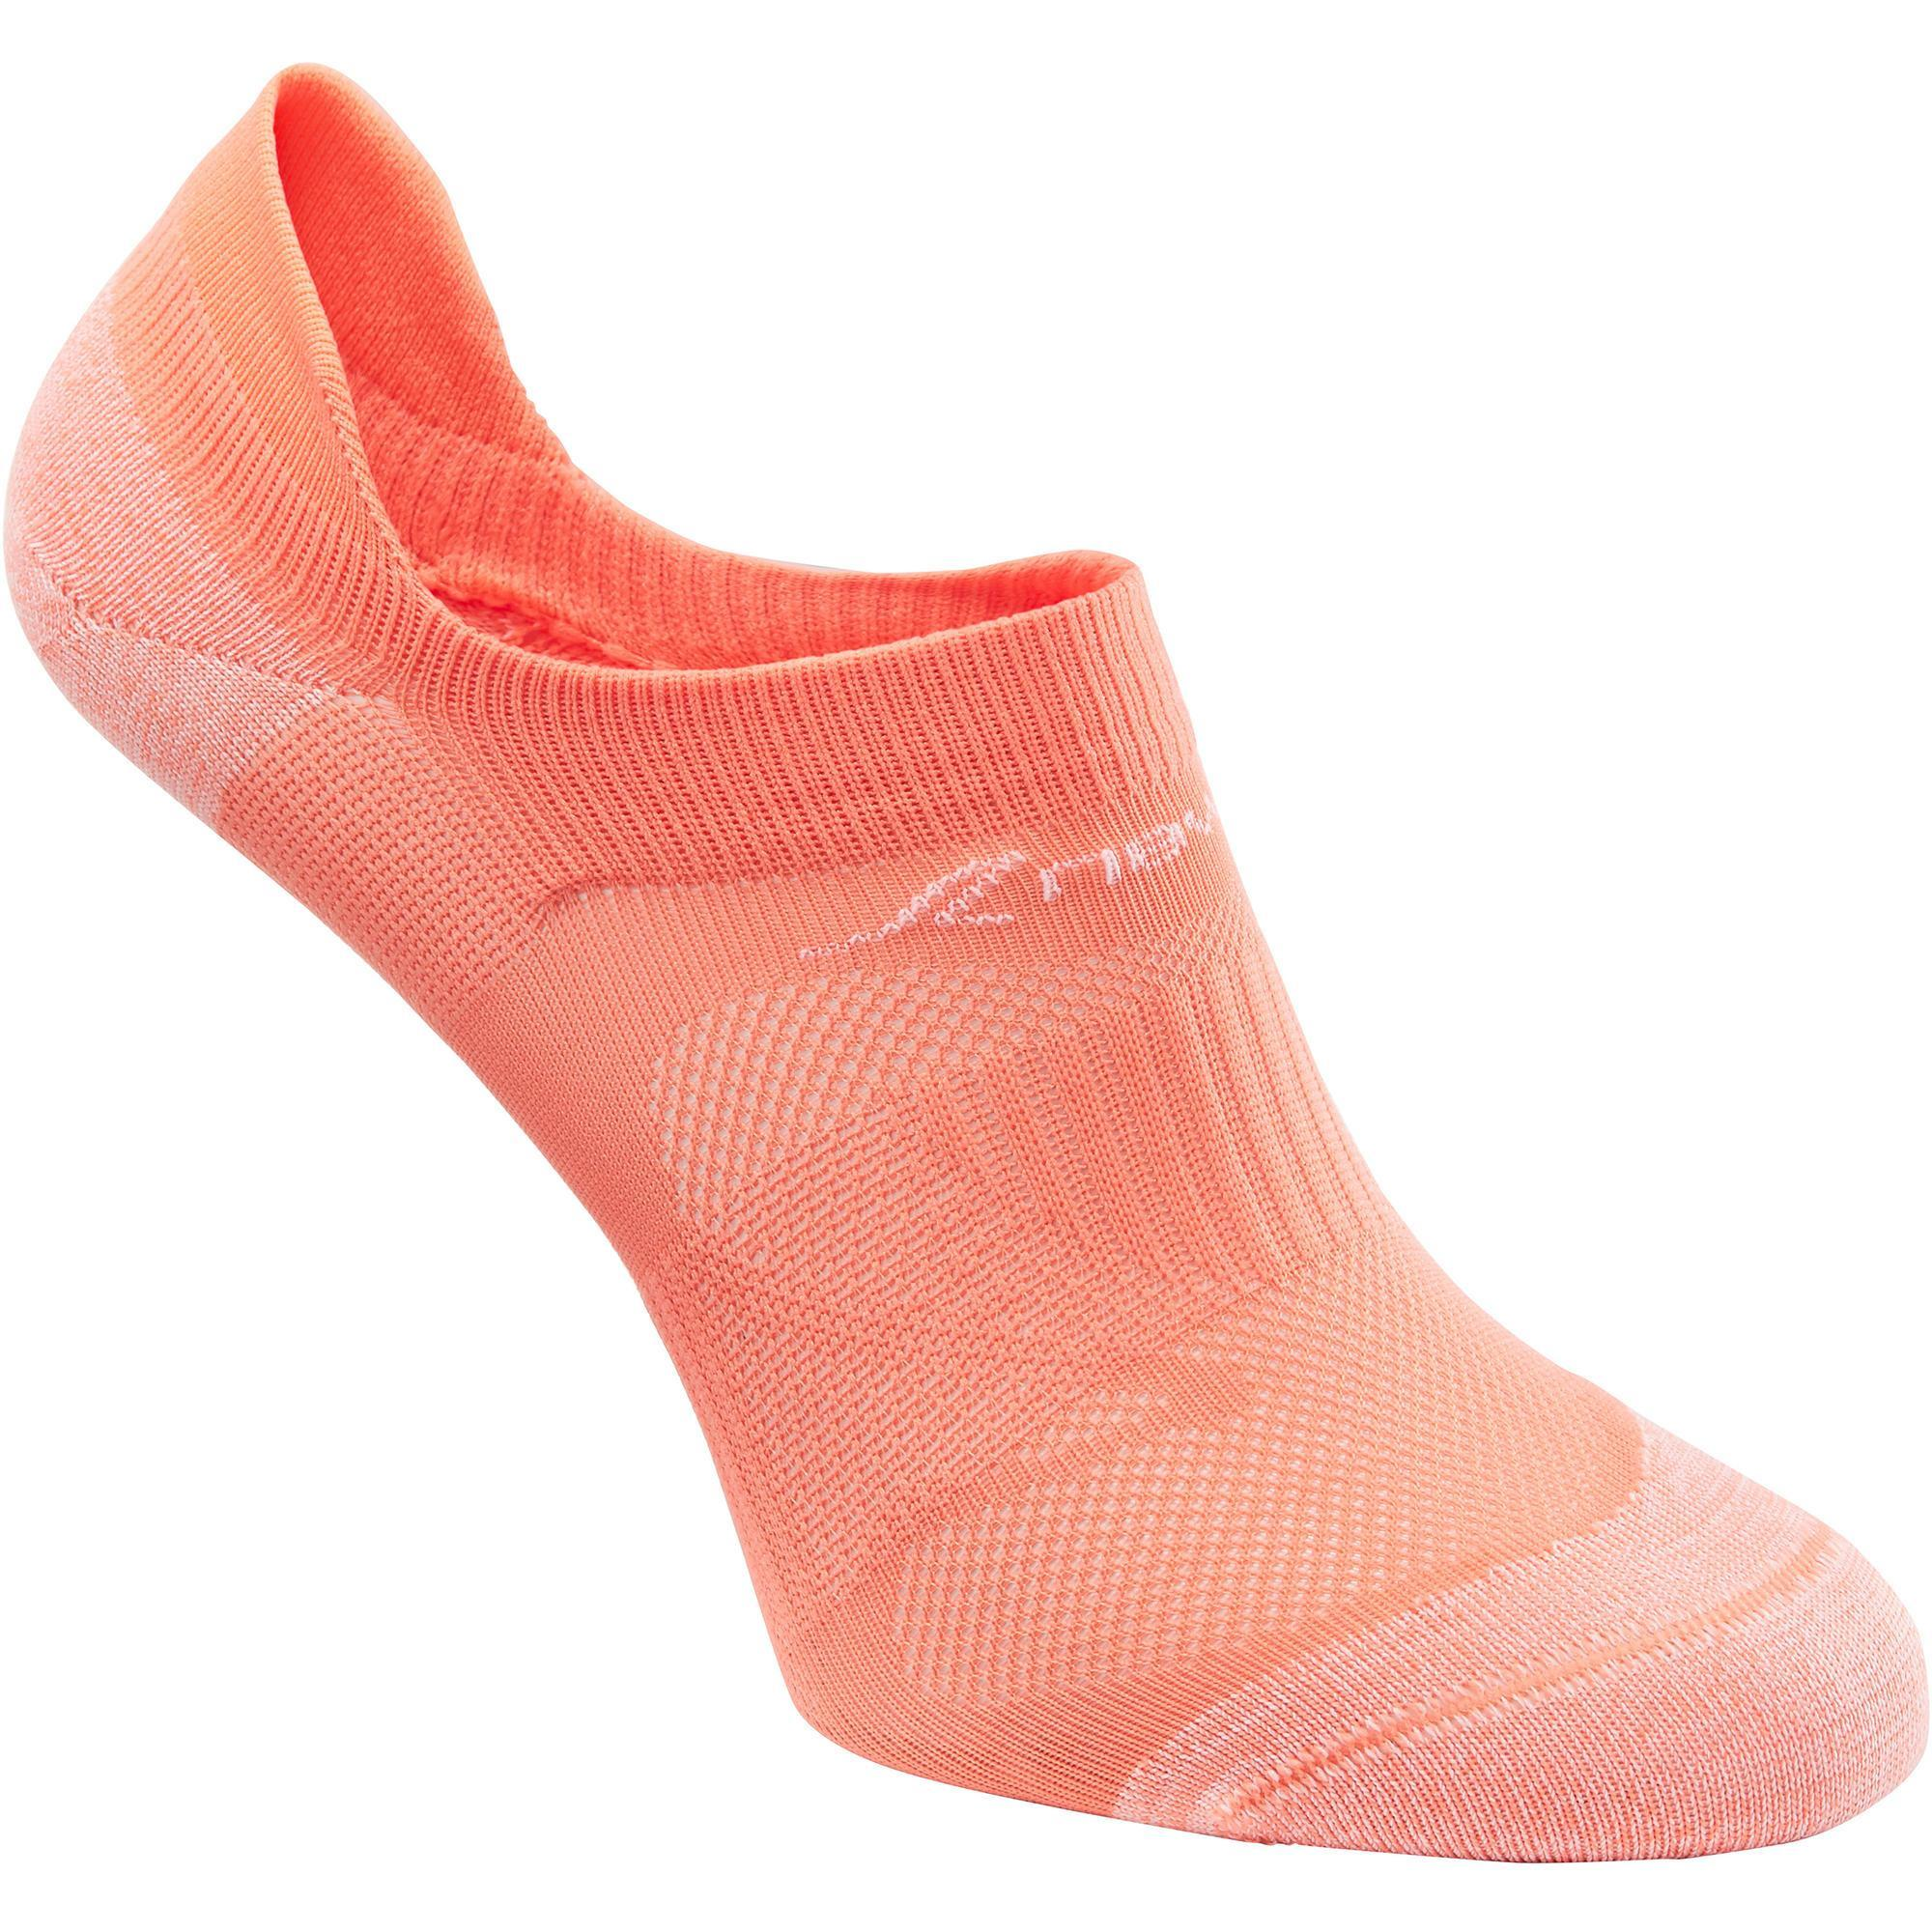 Newfeel Sokken voor sportief wandelen SK 500 Fresh Invisible koraal kopen